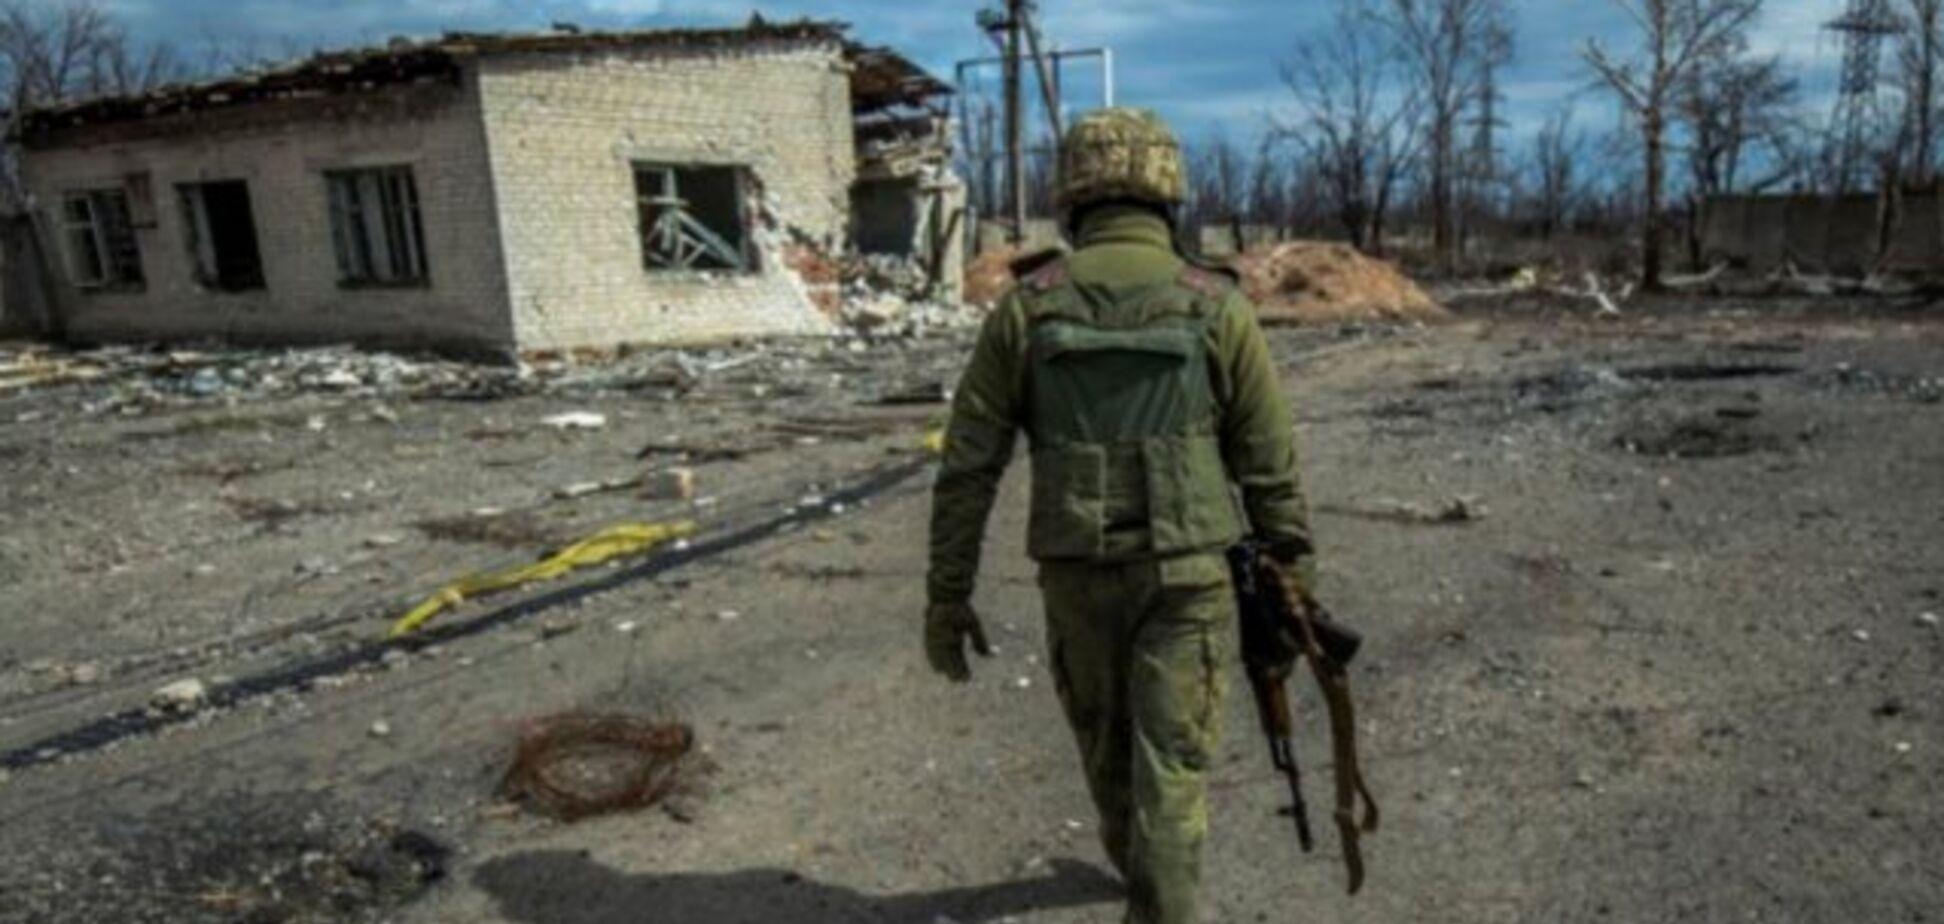 Диверсанты устроили подлость на Донбассе для воинов ООС: ранен военный